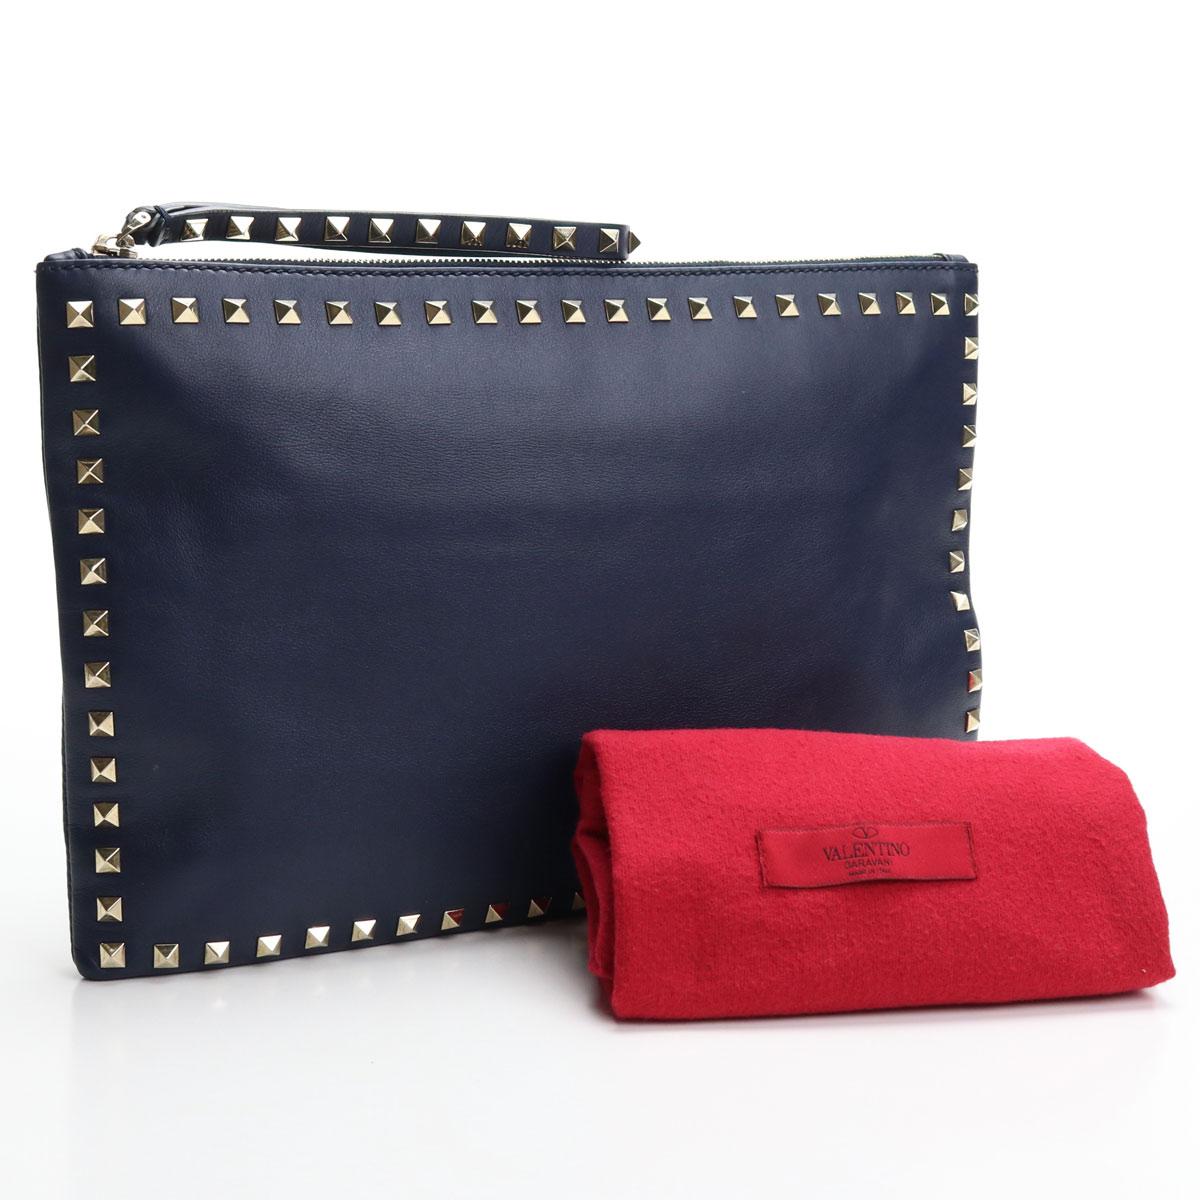 【中古良品】ヴァレンティノ (VALENTINO) クラッチ バッグ ロックスタッズ (ROCK STUD) ナッパ レザー (Nappa leather) ネイビー (NAVY) ユニセックス メンズ レディース 【ランク:A】 us-2